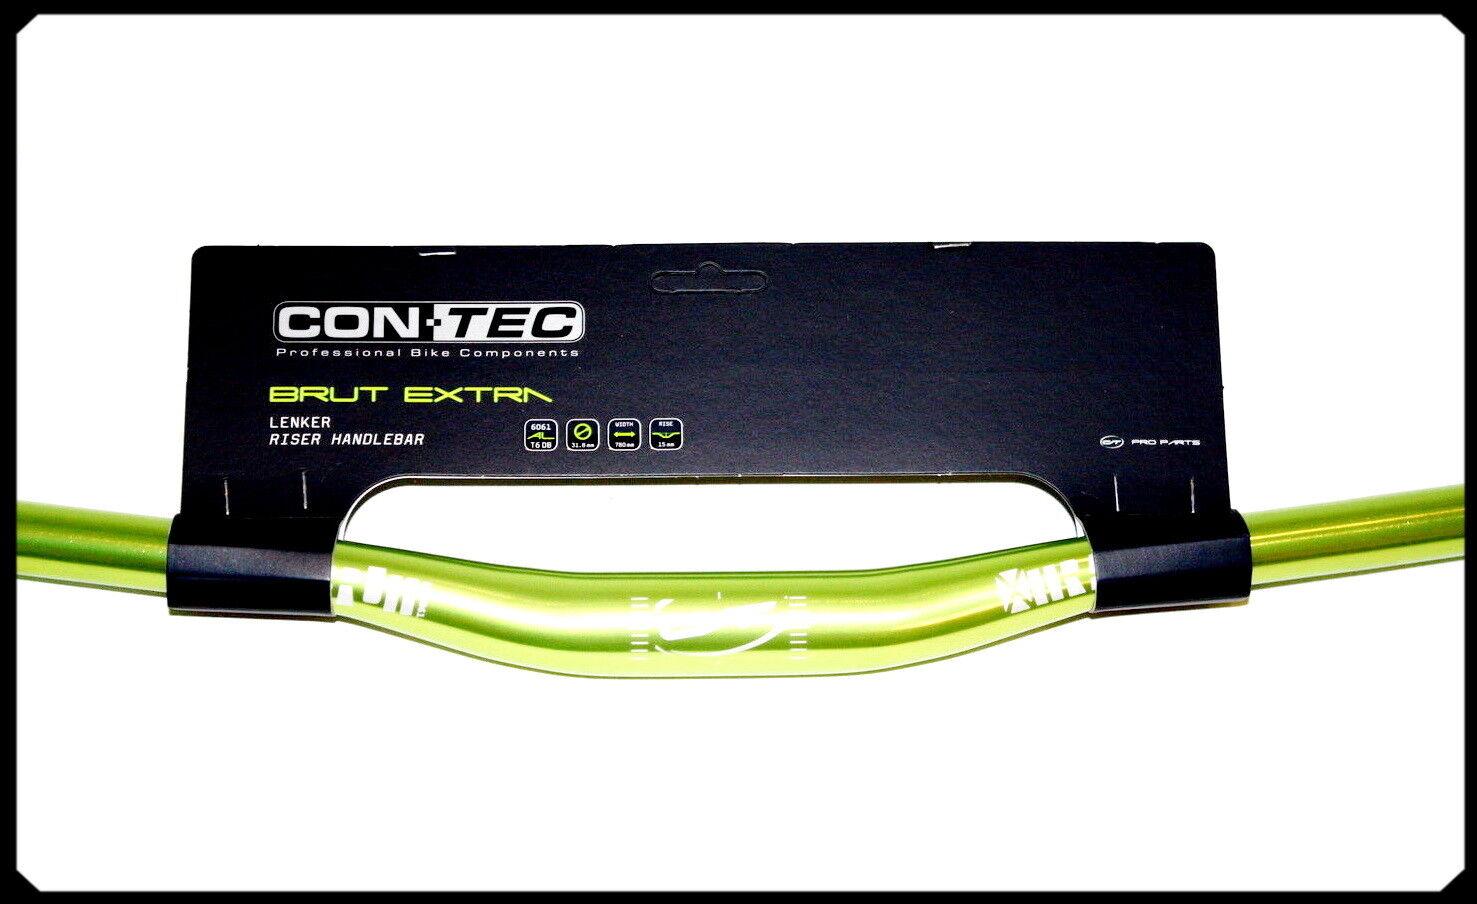 CONTEC MTB-Lenker  Brut Extra Extra Extra Select , Low Riser Bar, Griffweite 780 mm, grün  | Grüne, neue Technologie  7a42d9